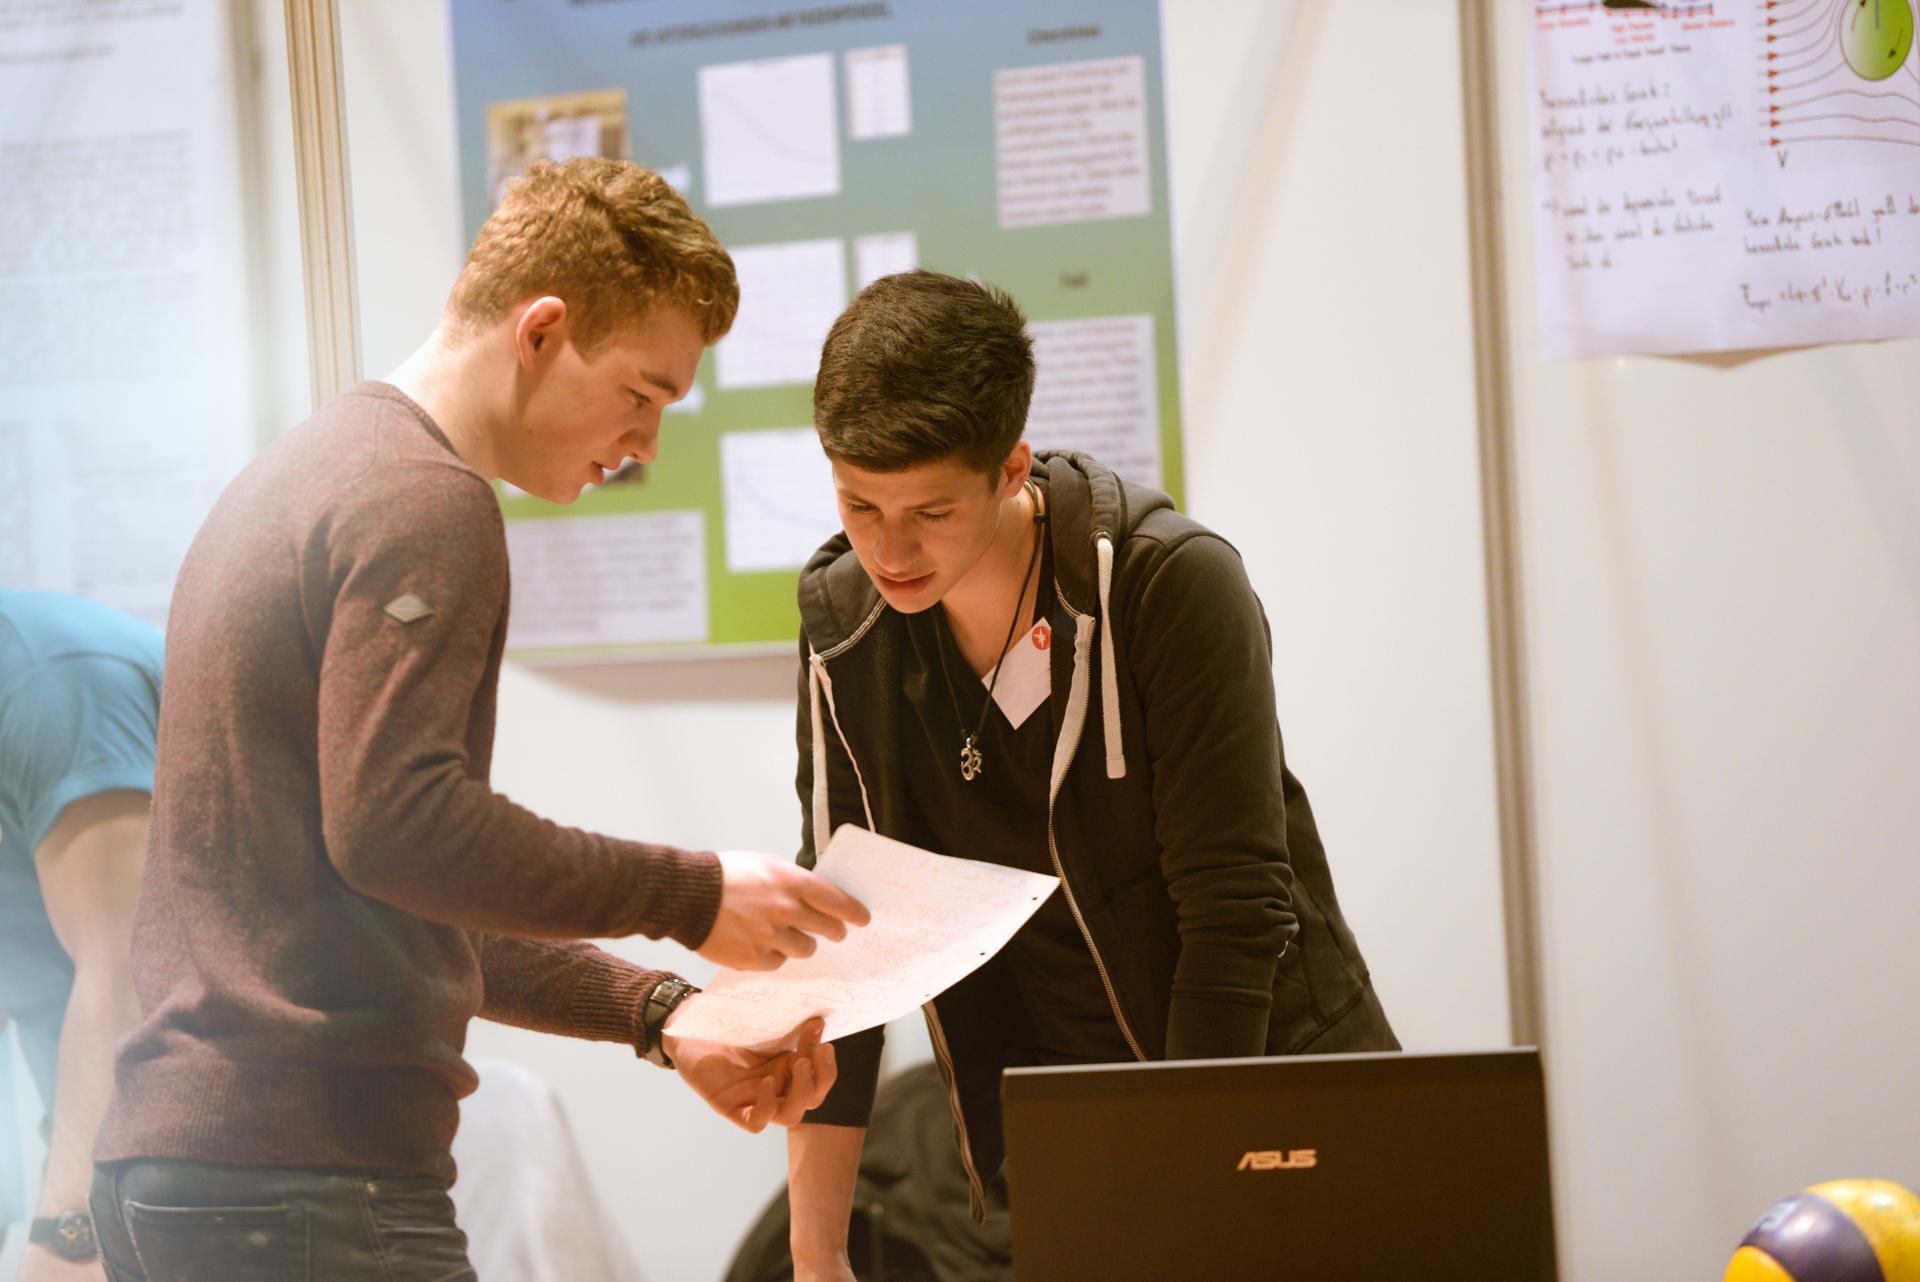 Zwei Schüler im Gespräch mit Zettel in der Hand